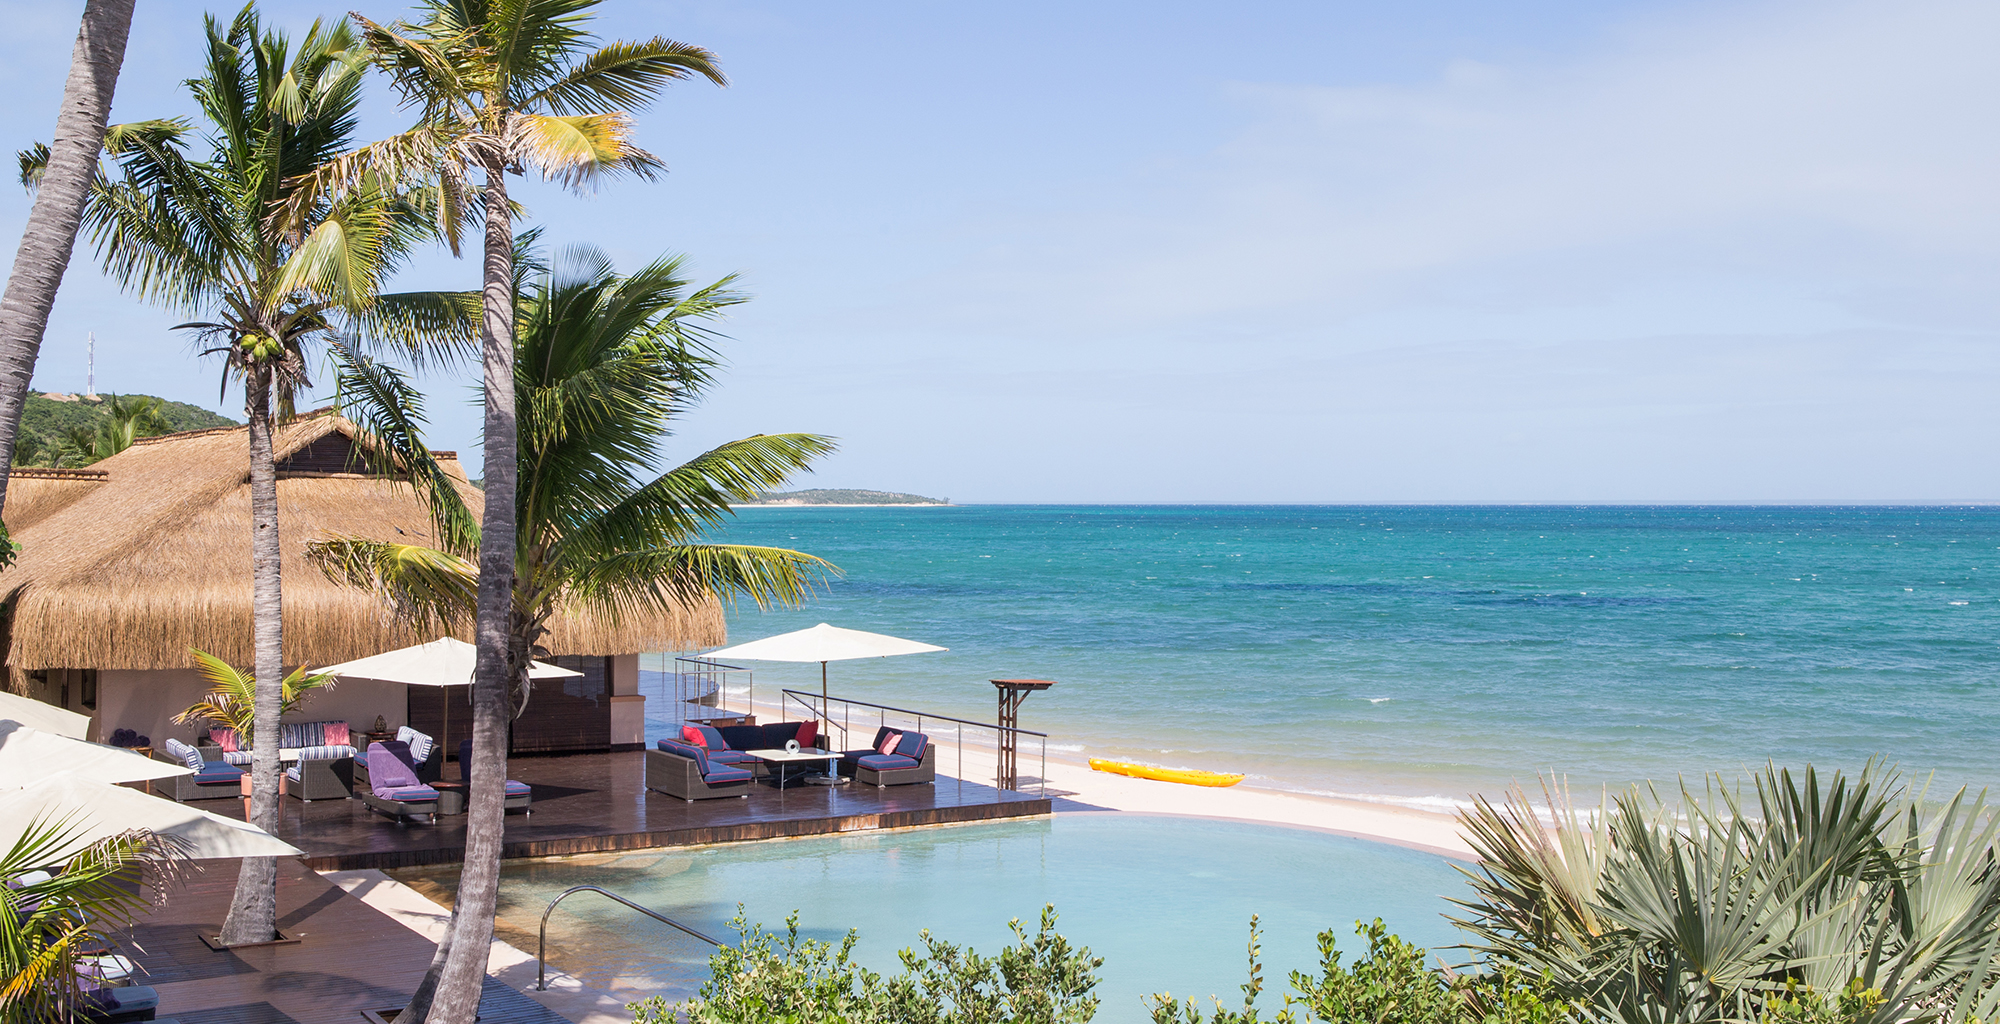 Mozambique-Bazaruto-Archipelago-Anantara-Exterior